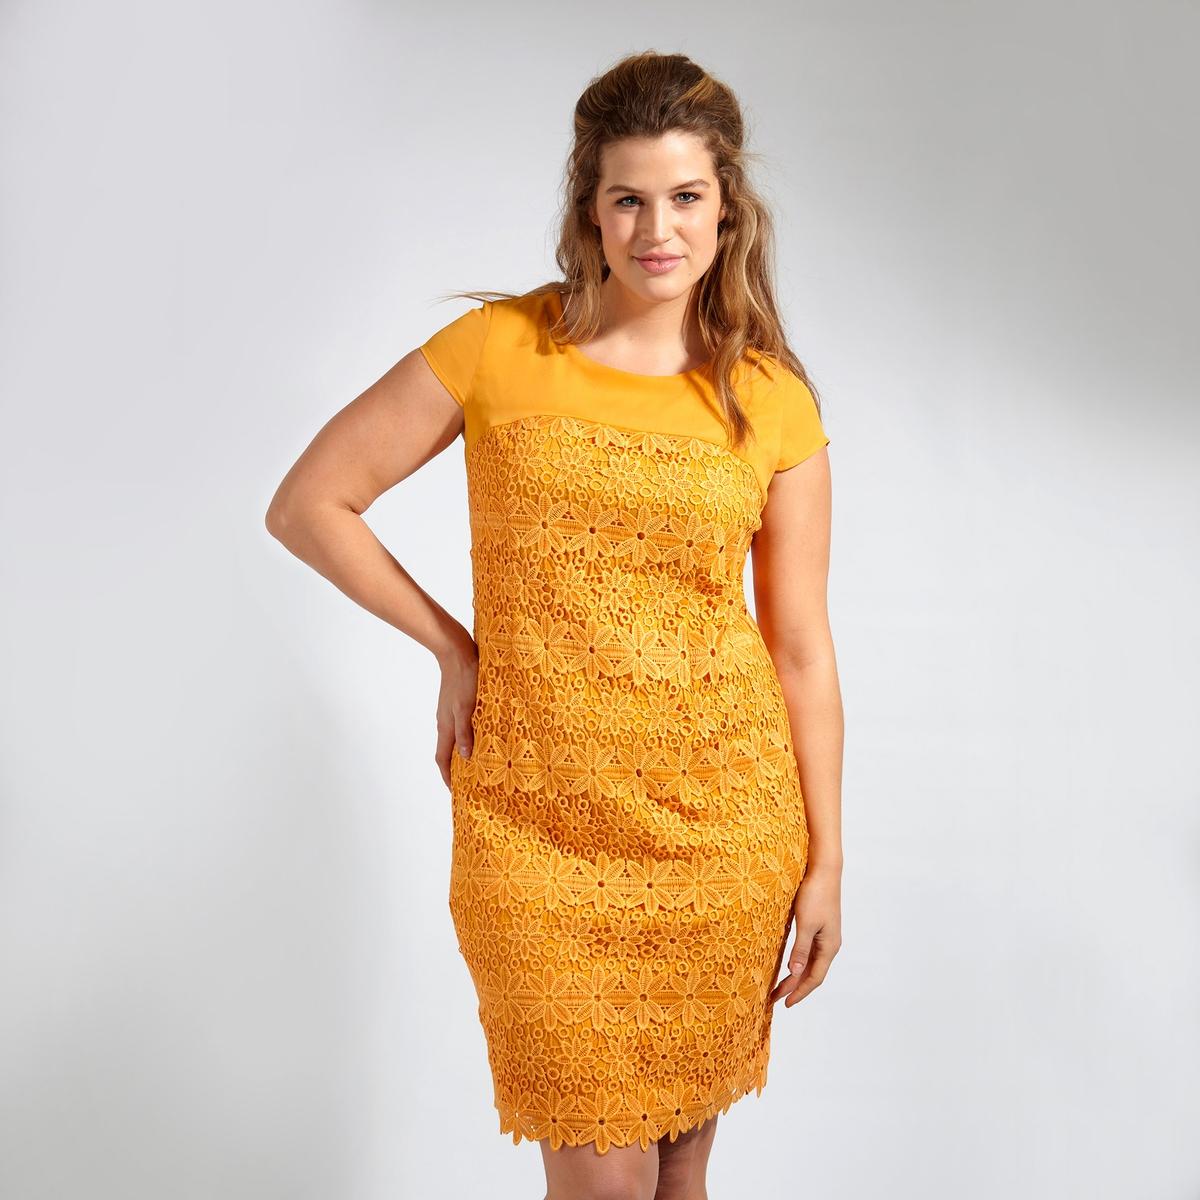 ПлатьеПлатье с короткими рукавами KOKO BY KOKO. Красивое платье из кружева . Круглый вырез. 100% полиэстер<br><br>Цвет: горчичный<br>Размер: 44 (FR) - 50 (RUS)